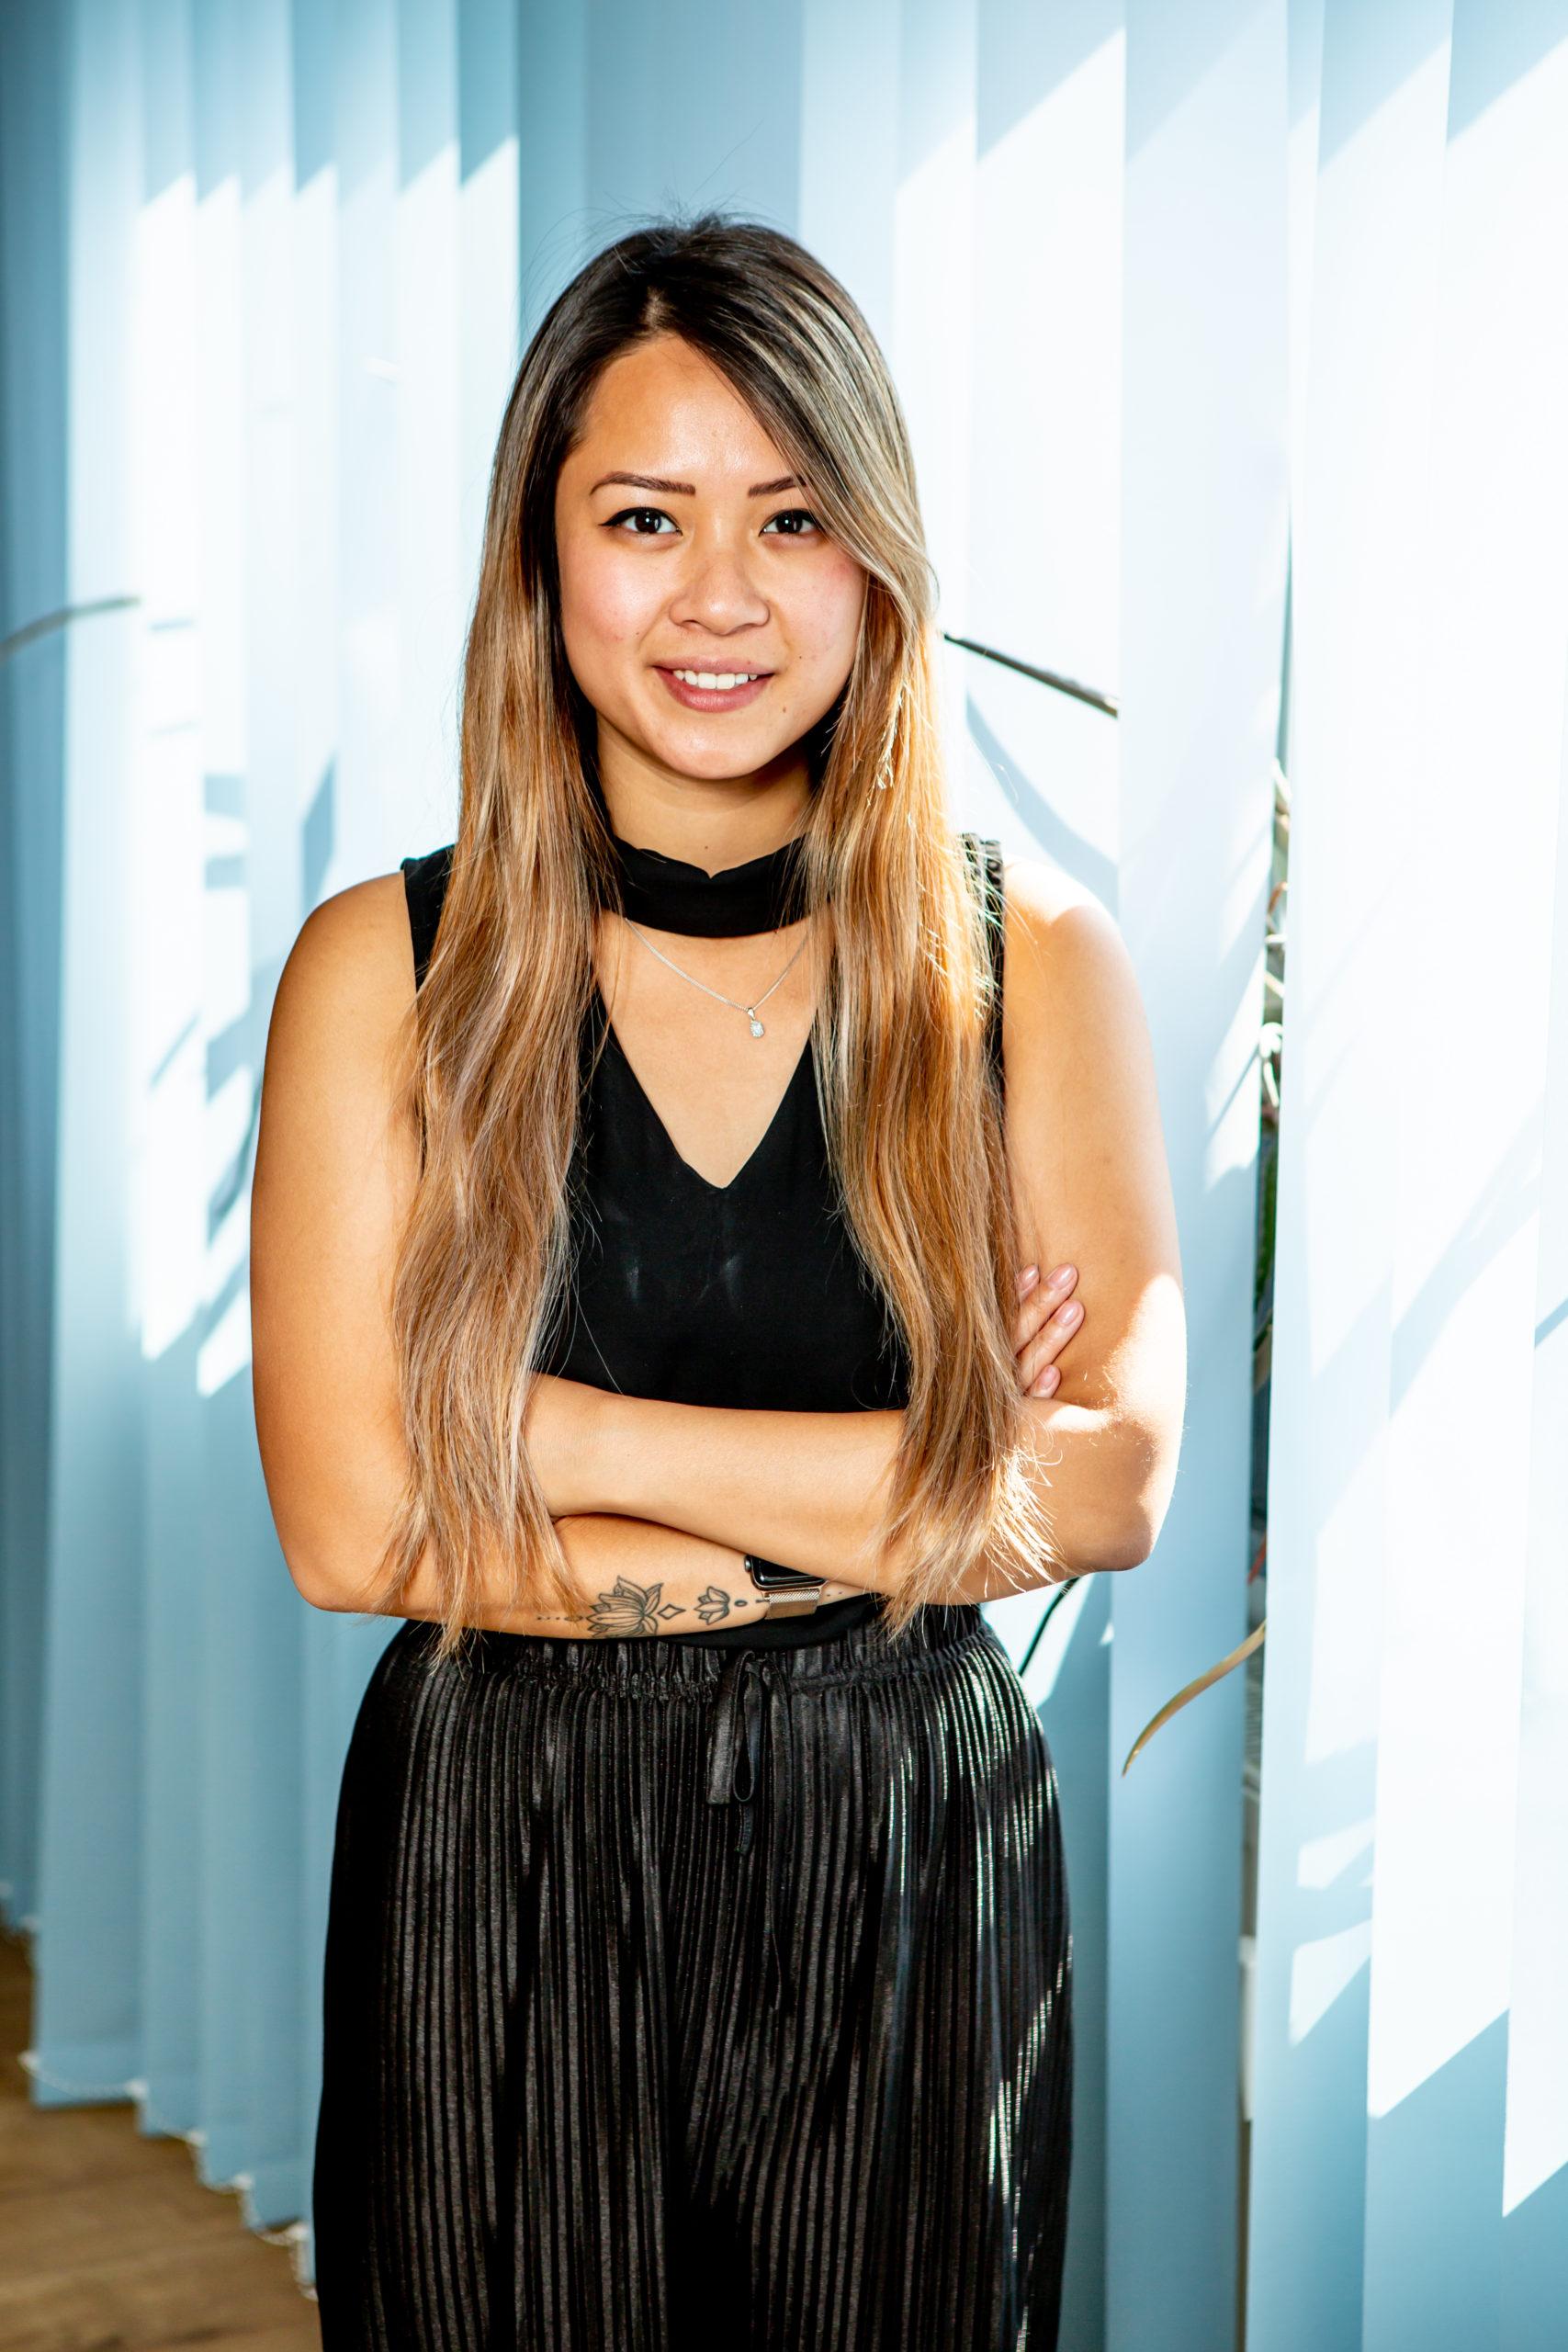 Minh-Phuong Lisa Lai